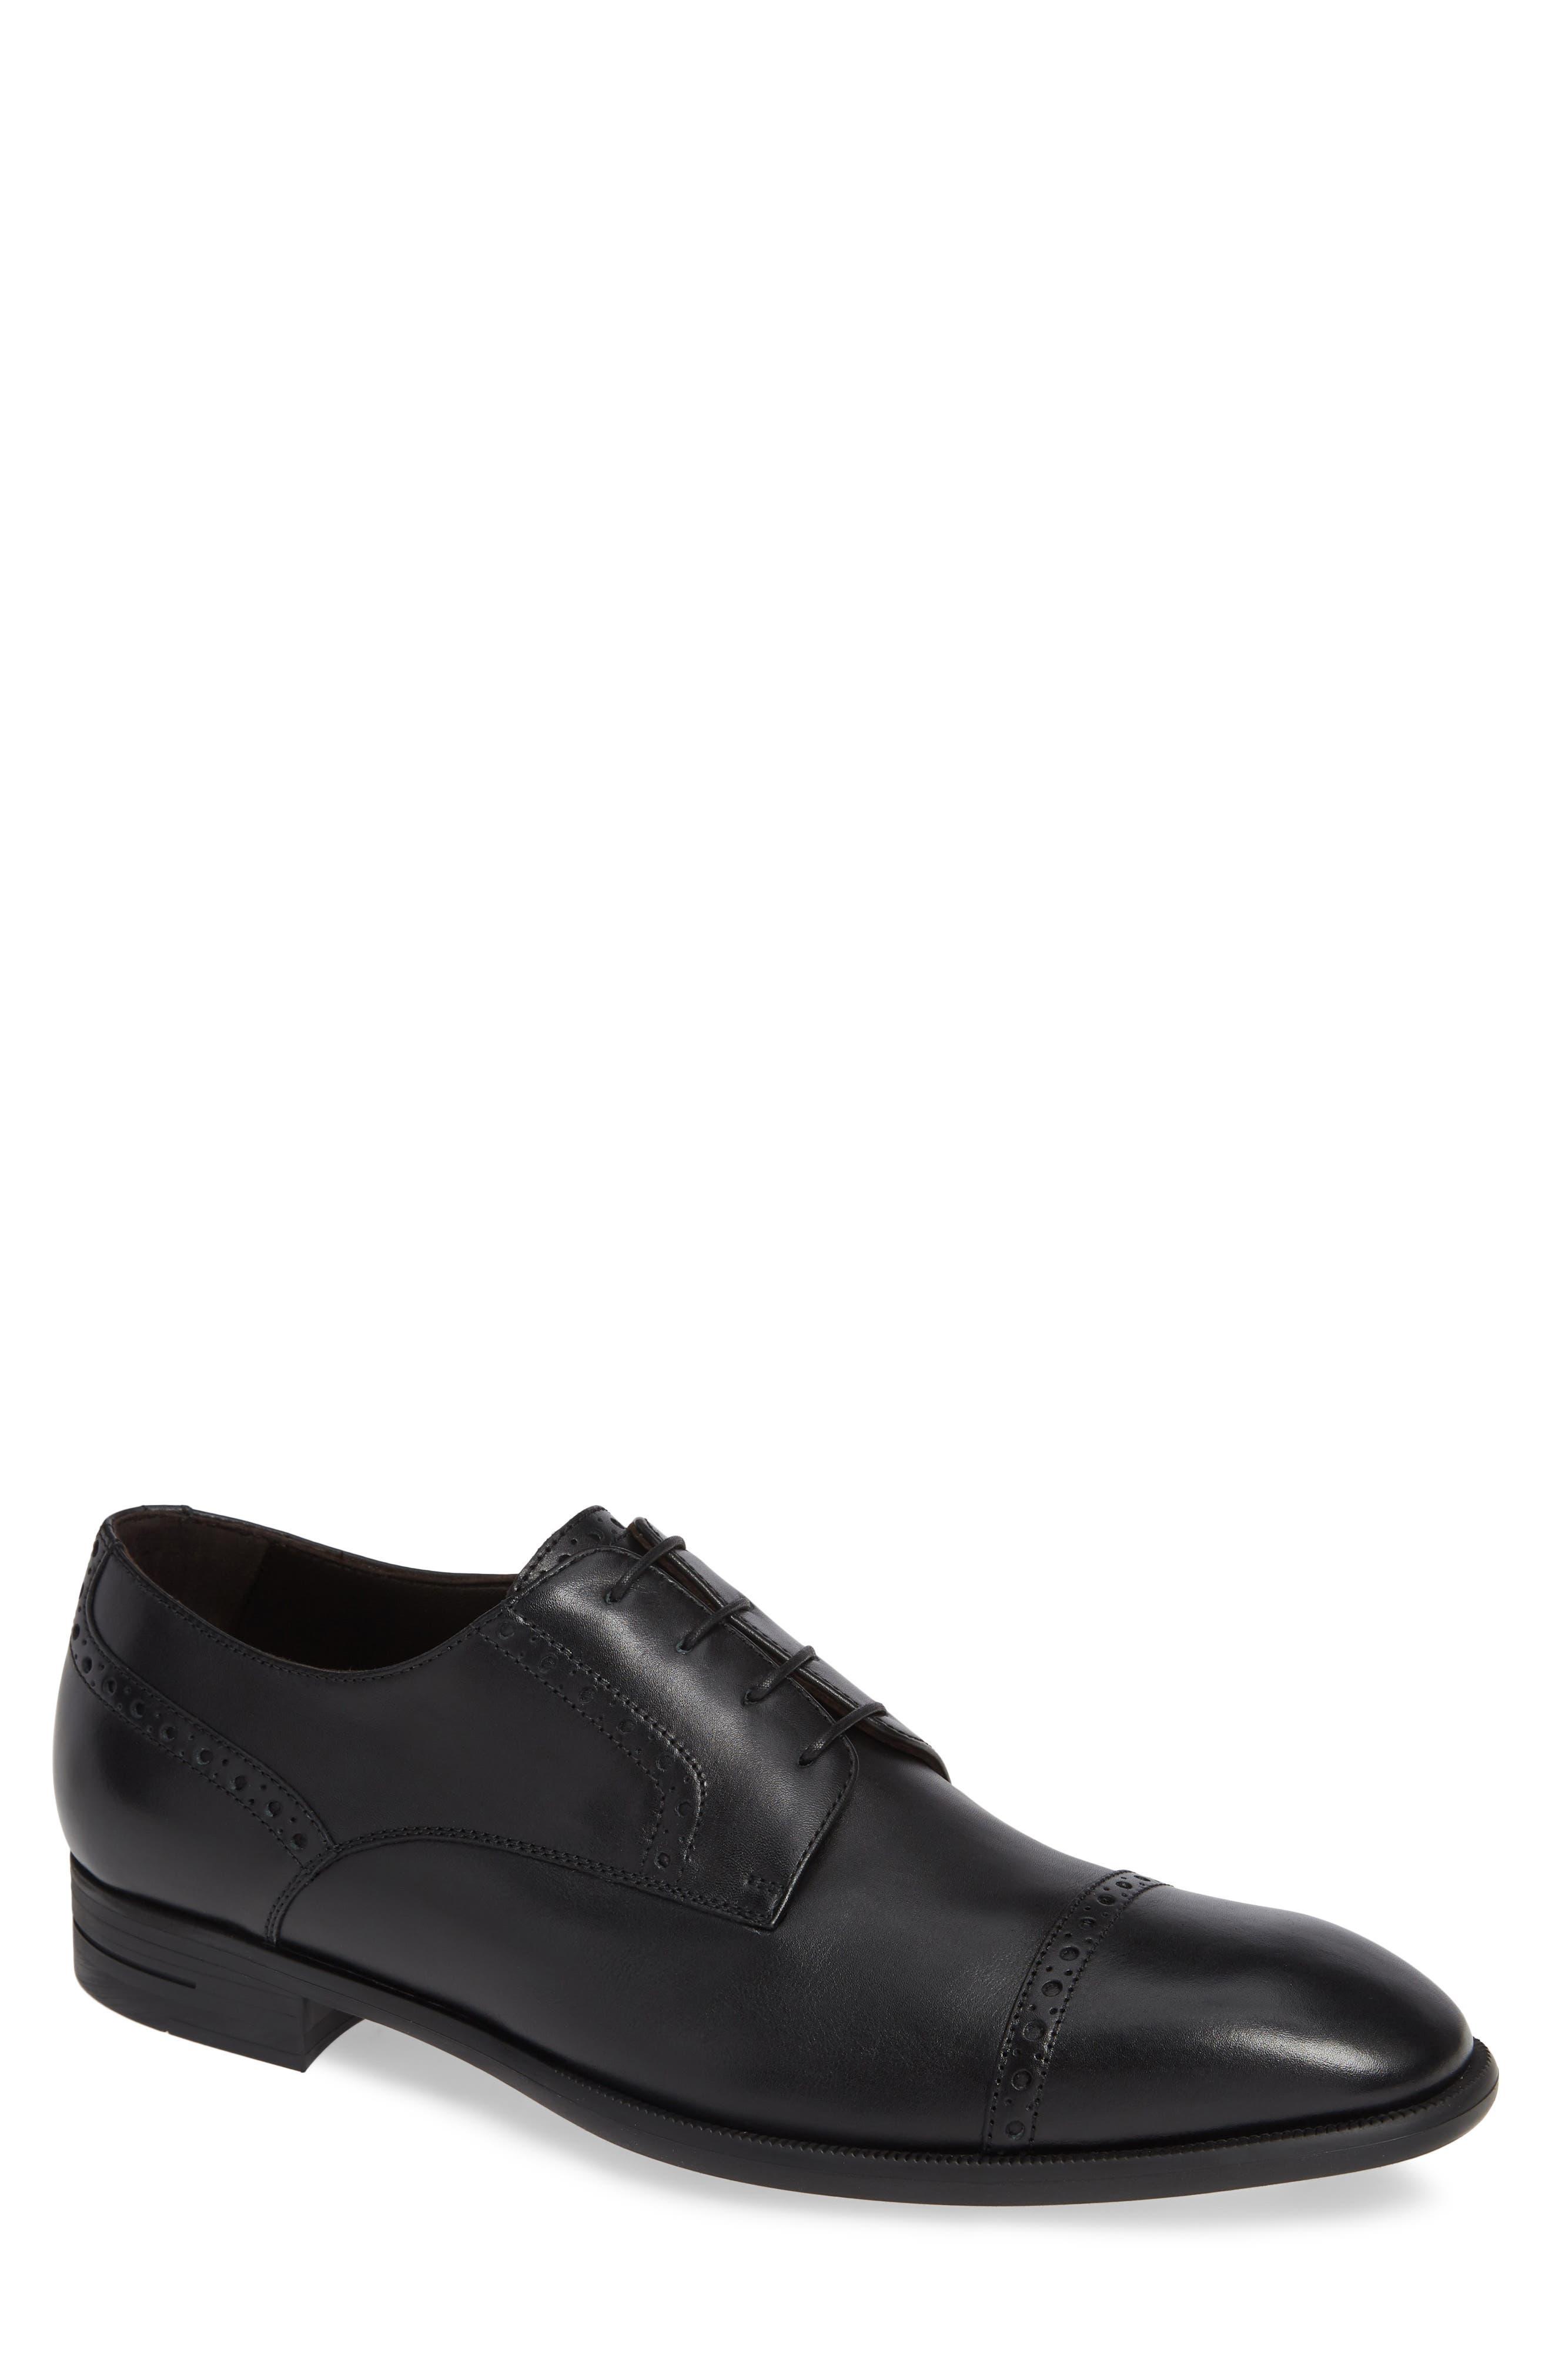 ERMENEGILDO ZEGNA Men'S New Flex Cap-Toe Derby Shoes in Black